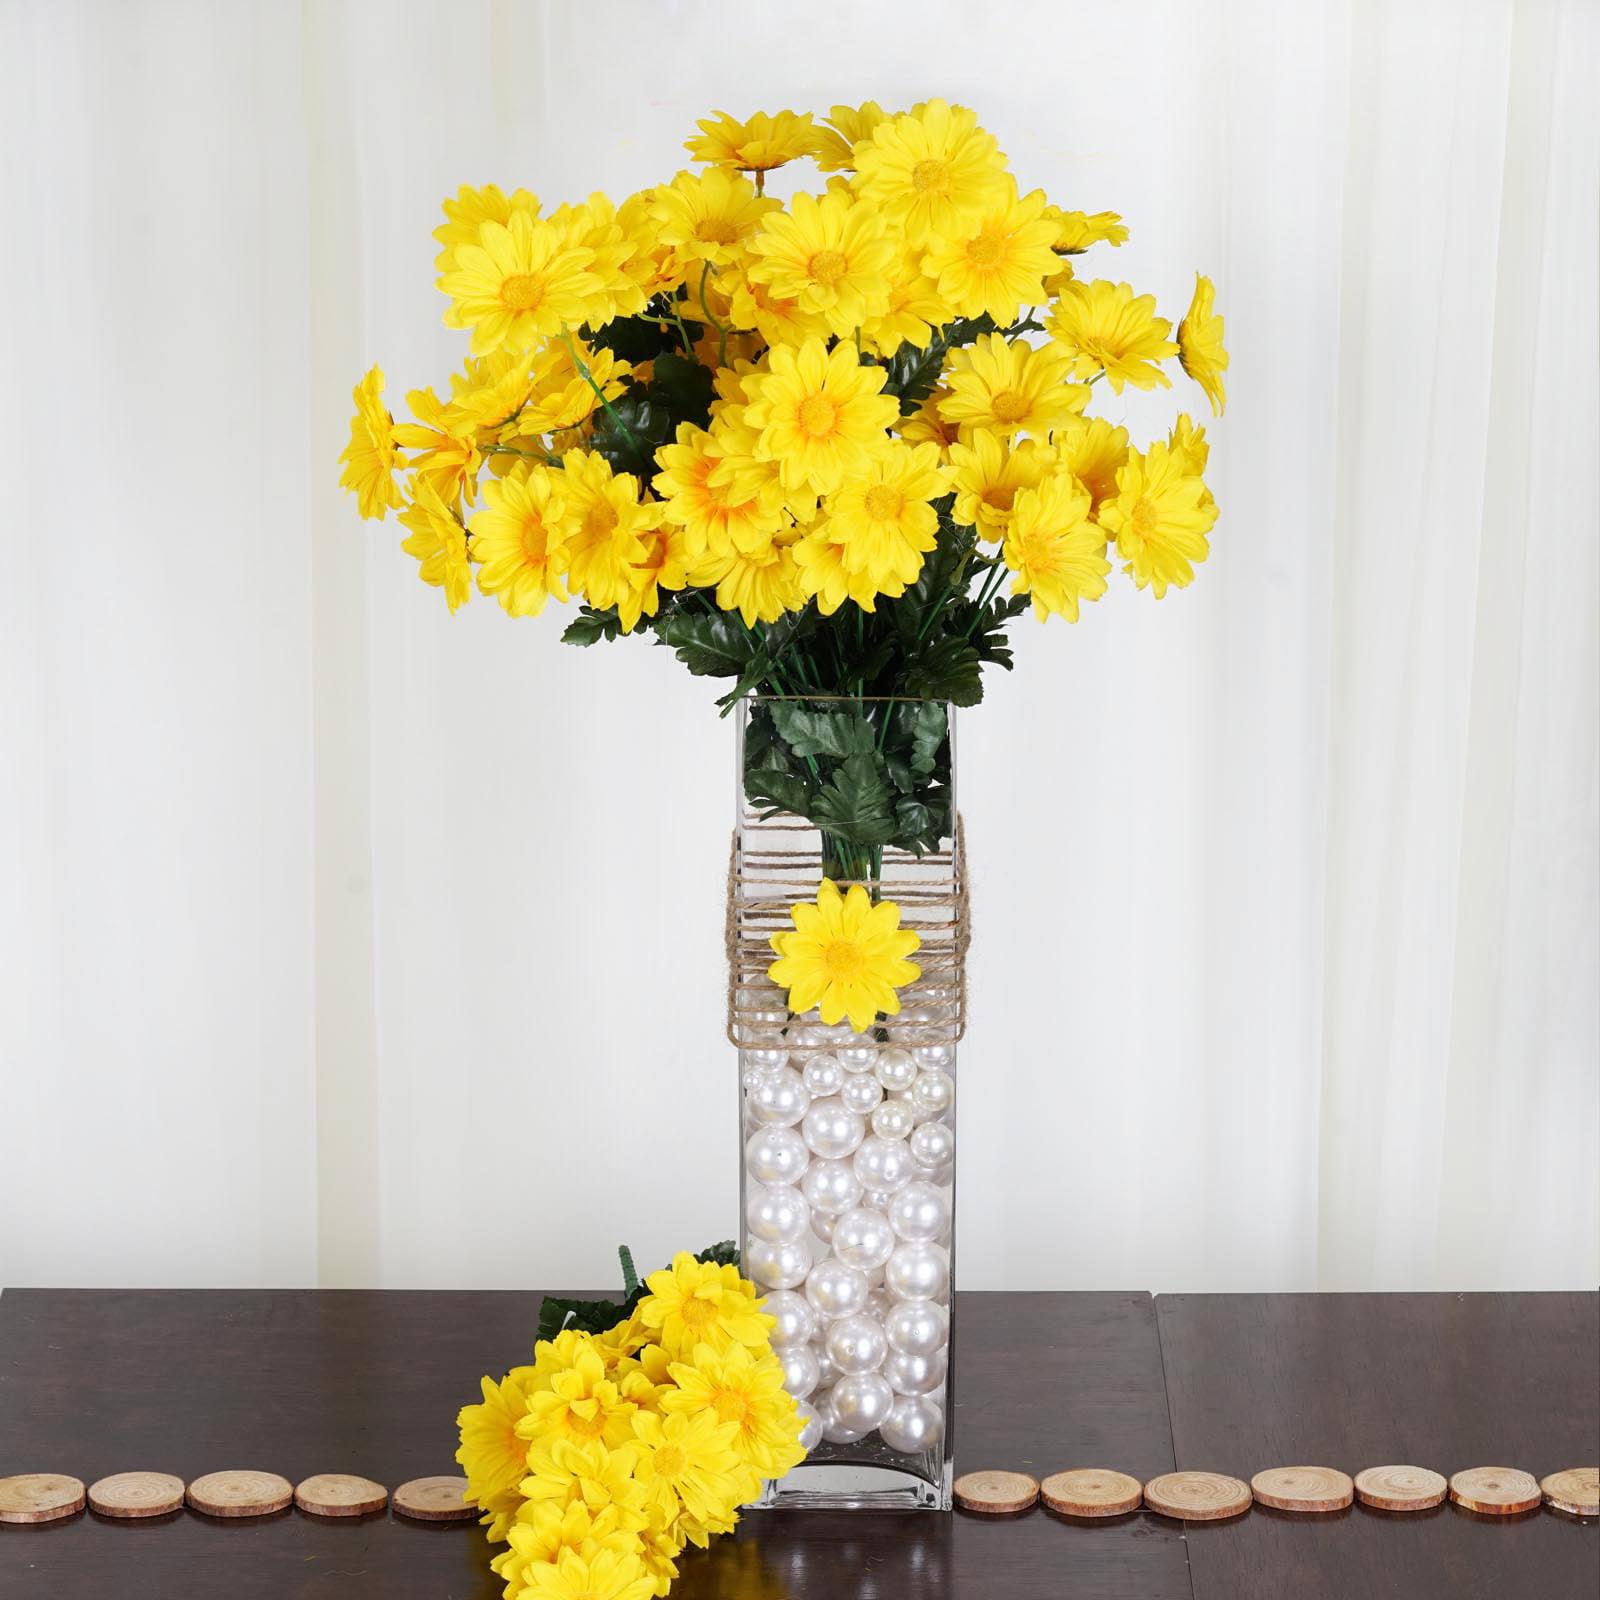 Efavormart 88 Artificial Gerbera Daisy Flowers for DIY Wedding Bouquets Centerpieces Arrangements Party Home Decorations Wholesale